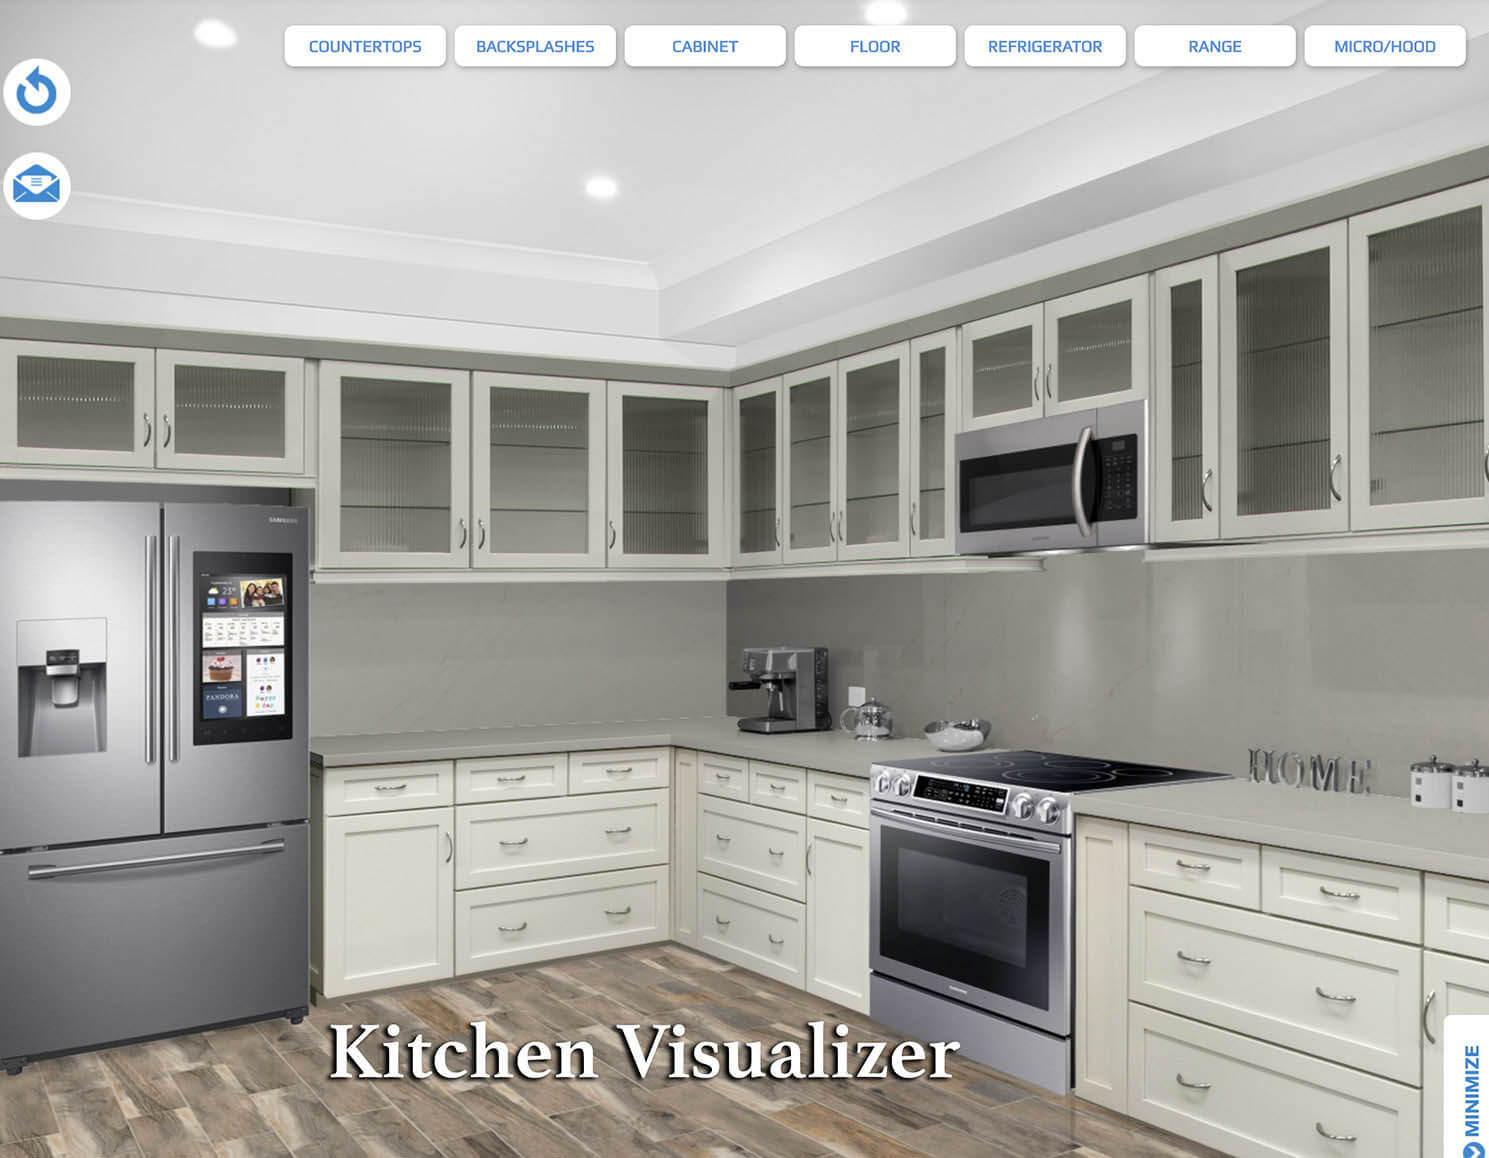 Free online kitchen visualizer